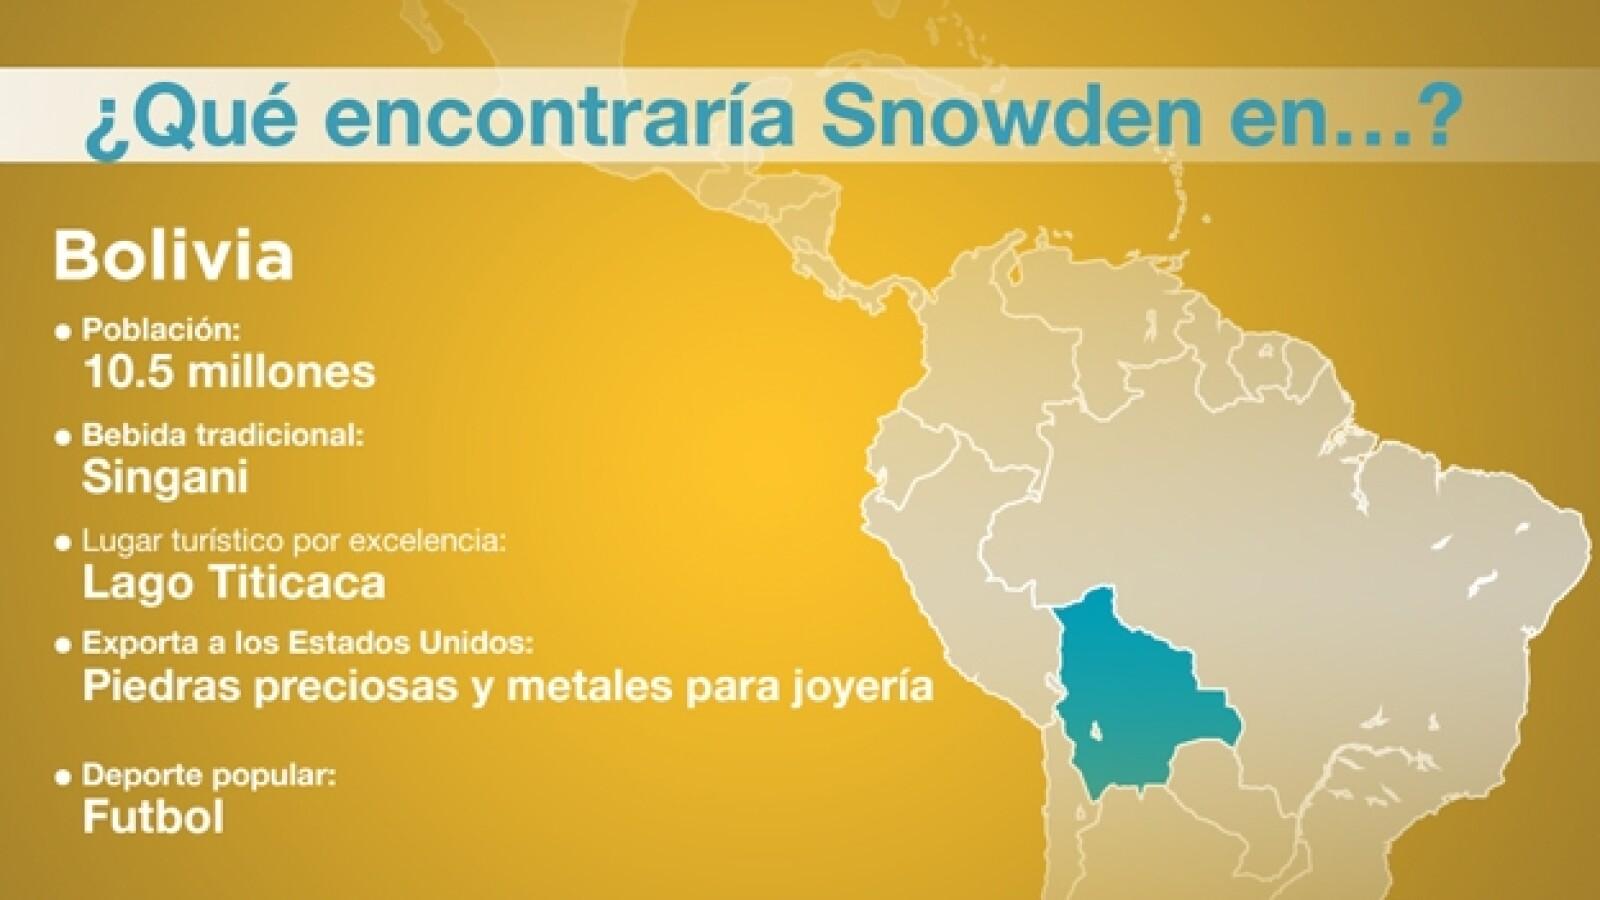 snowden bolivia